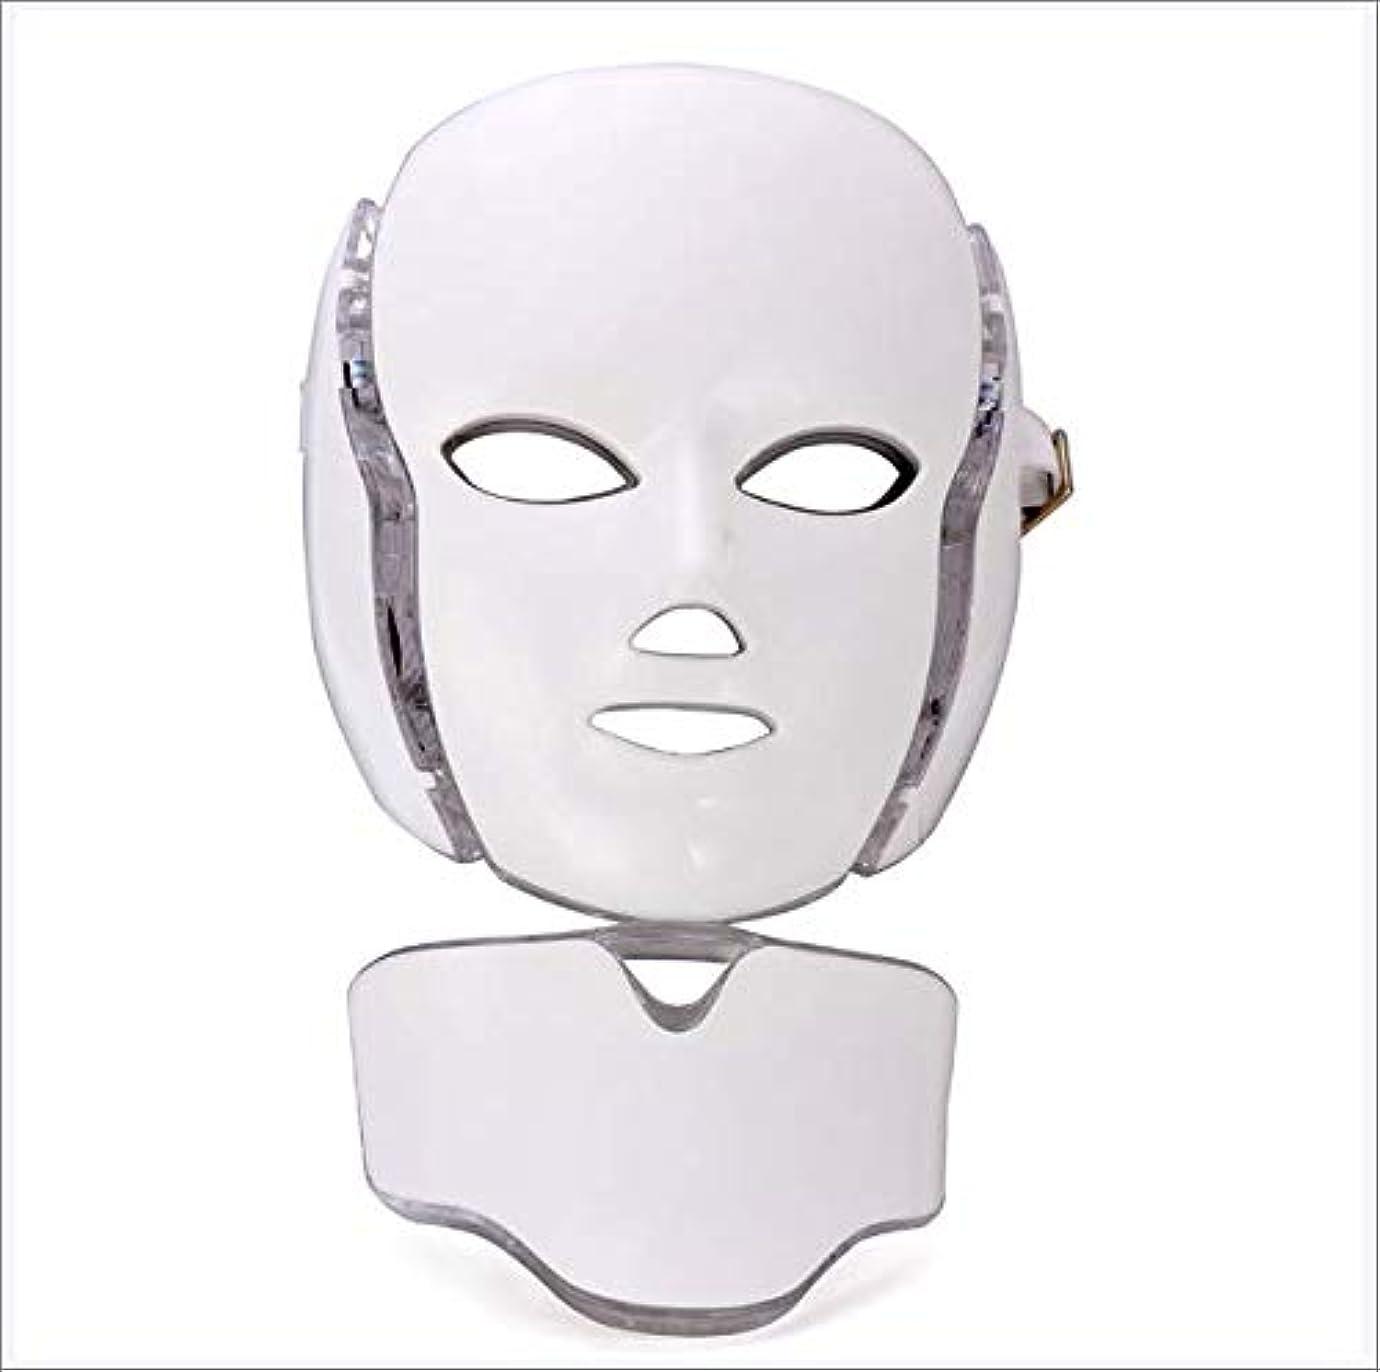 占める急襲実現可能性LEDフェイスマスク7色光療法マスクコラーゲン、LED光線療法美容器具、首カバースーツ付き皮膚締め付け器具